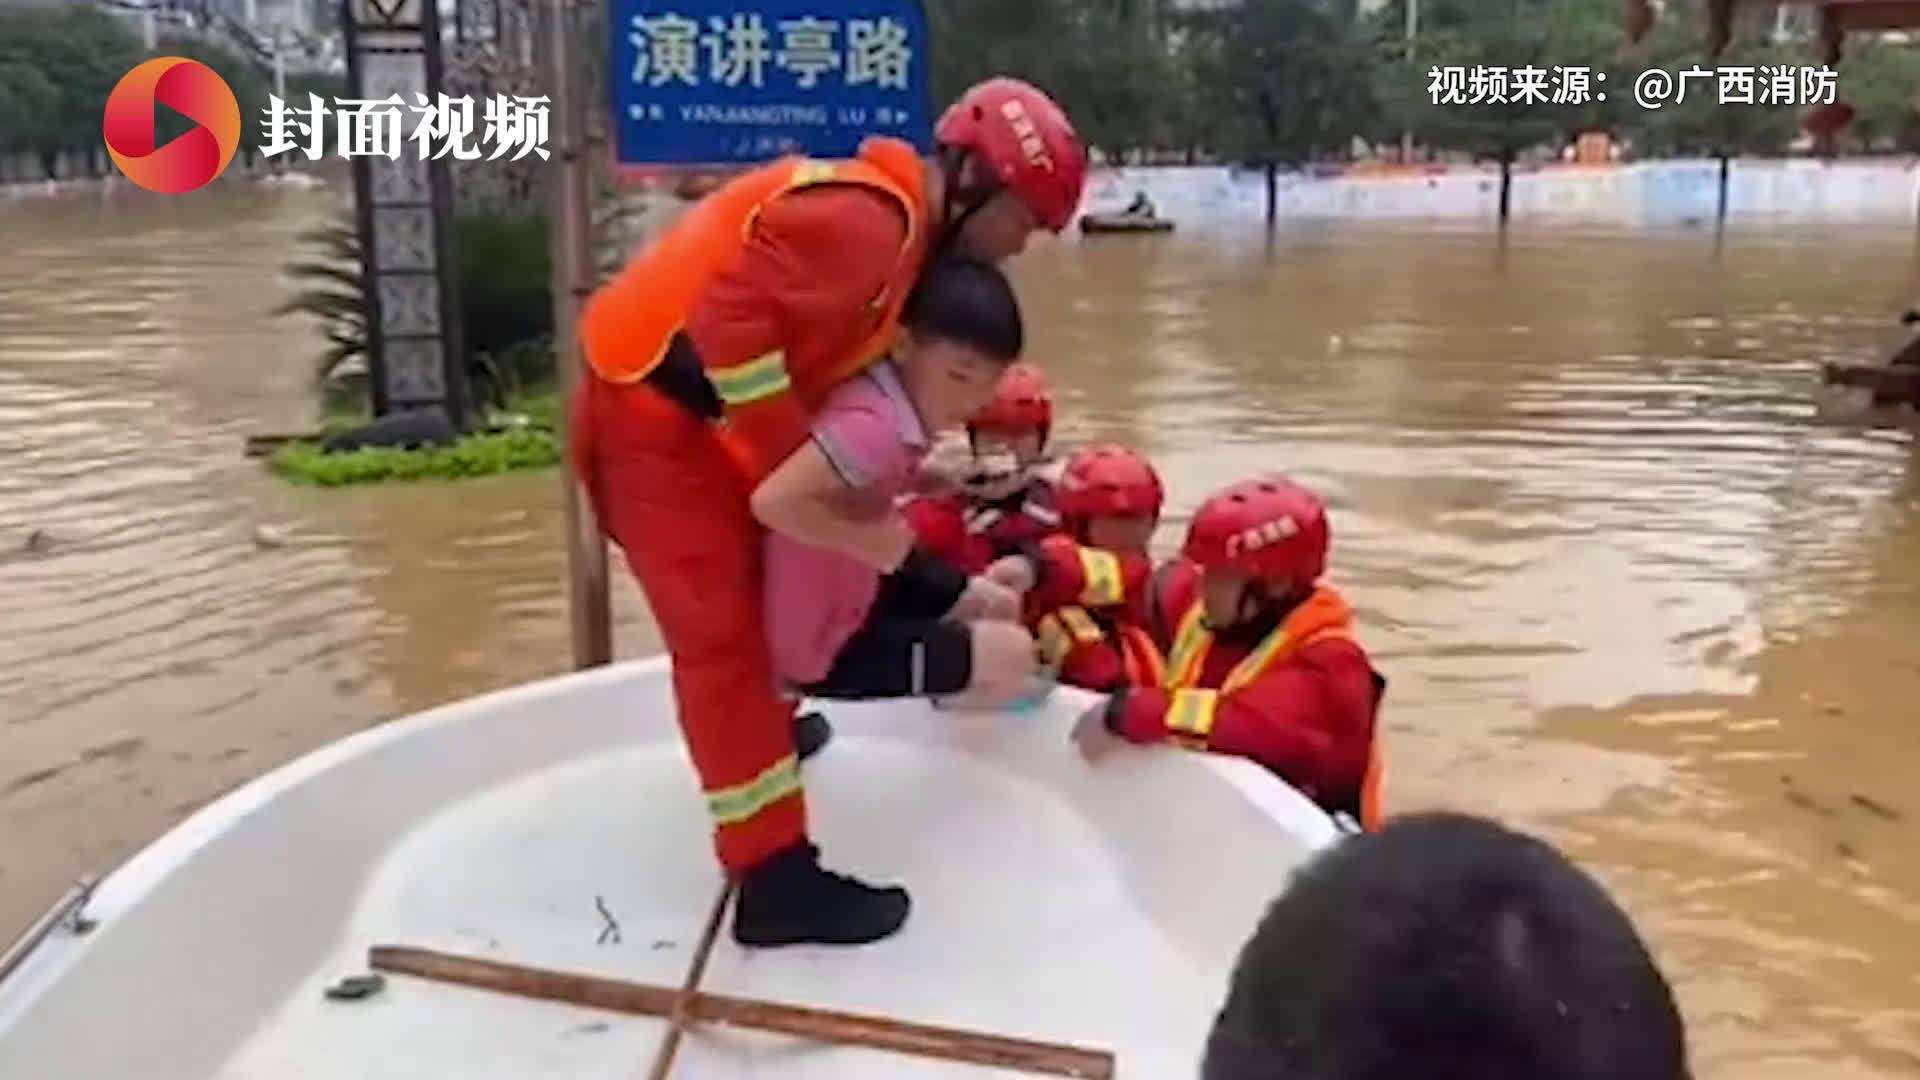 消防员洪水中宠溺式救娃 网友:灾难中天使和宝贝都格外美丽